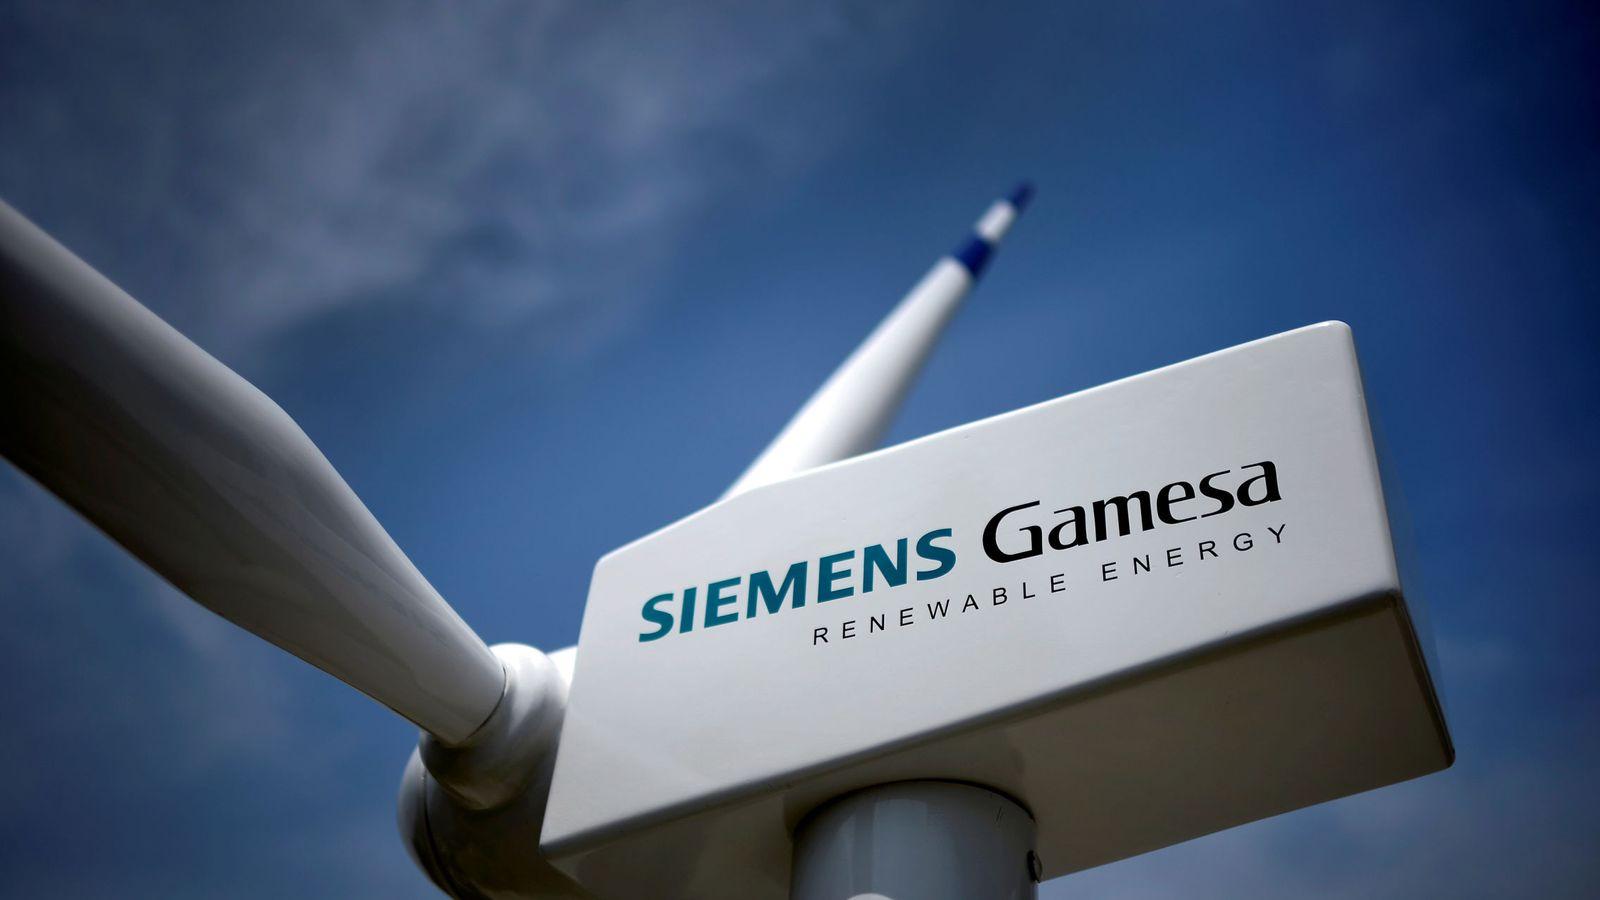 Calendario Dividendos 2020.Noticias De Siemens Gamesa Siemens Gamesa Reducira Costes En 2 000